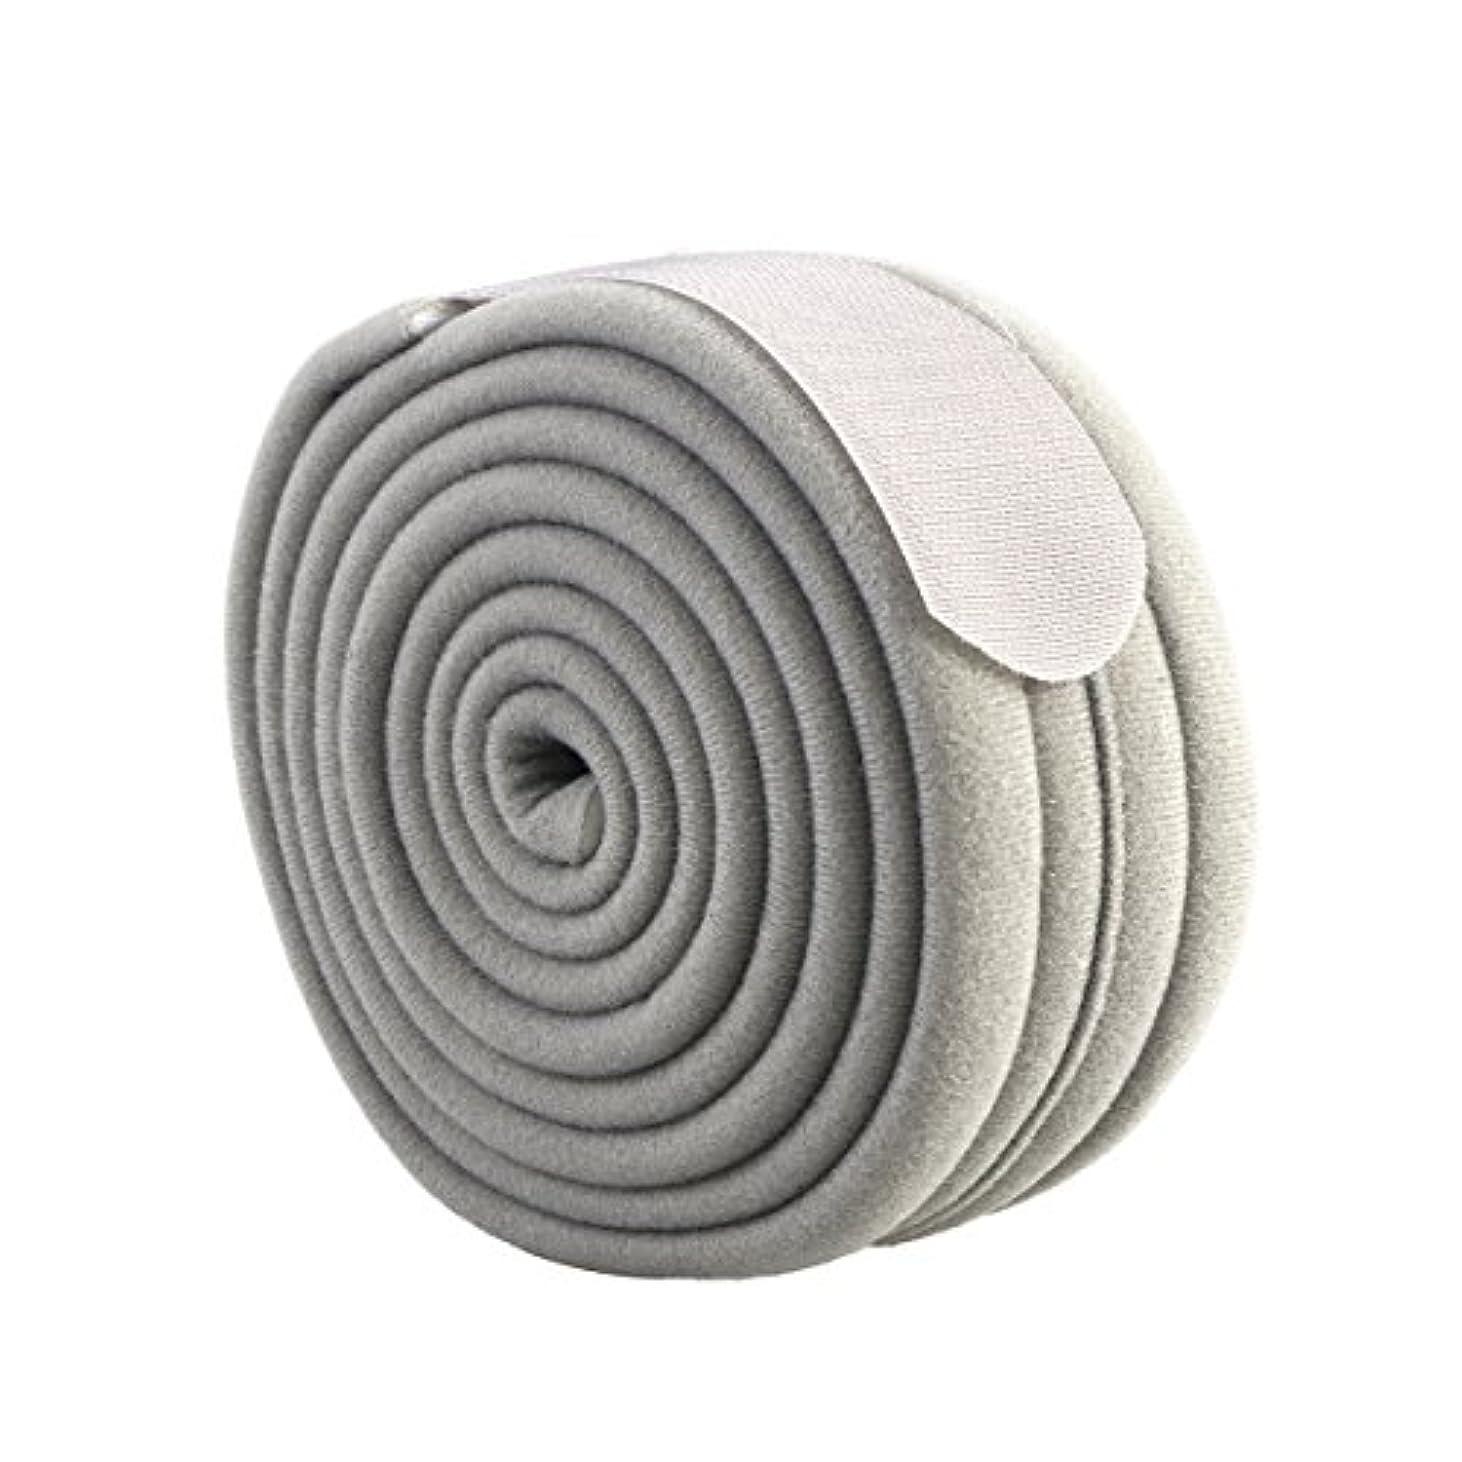 不純そう流体ROSENICE アームスリング アームホルダー アームスリング アームのサポート 調節可能 通気性 調節可能 腕の骨折?脱臼時のギプス固定 男性 女性